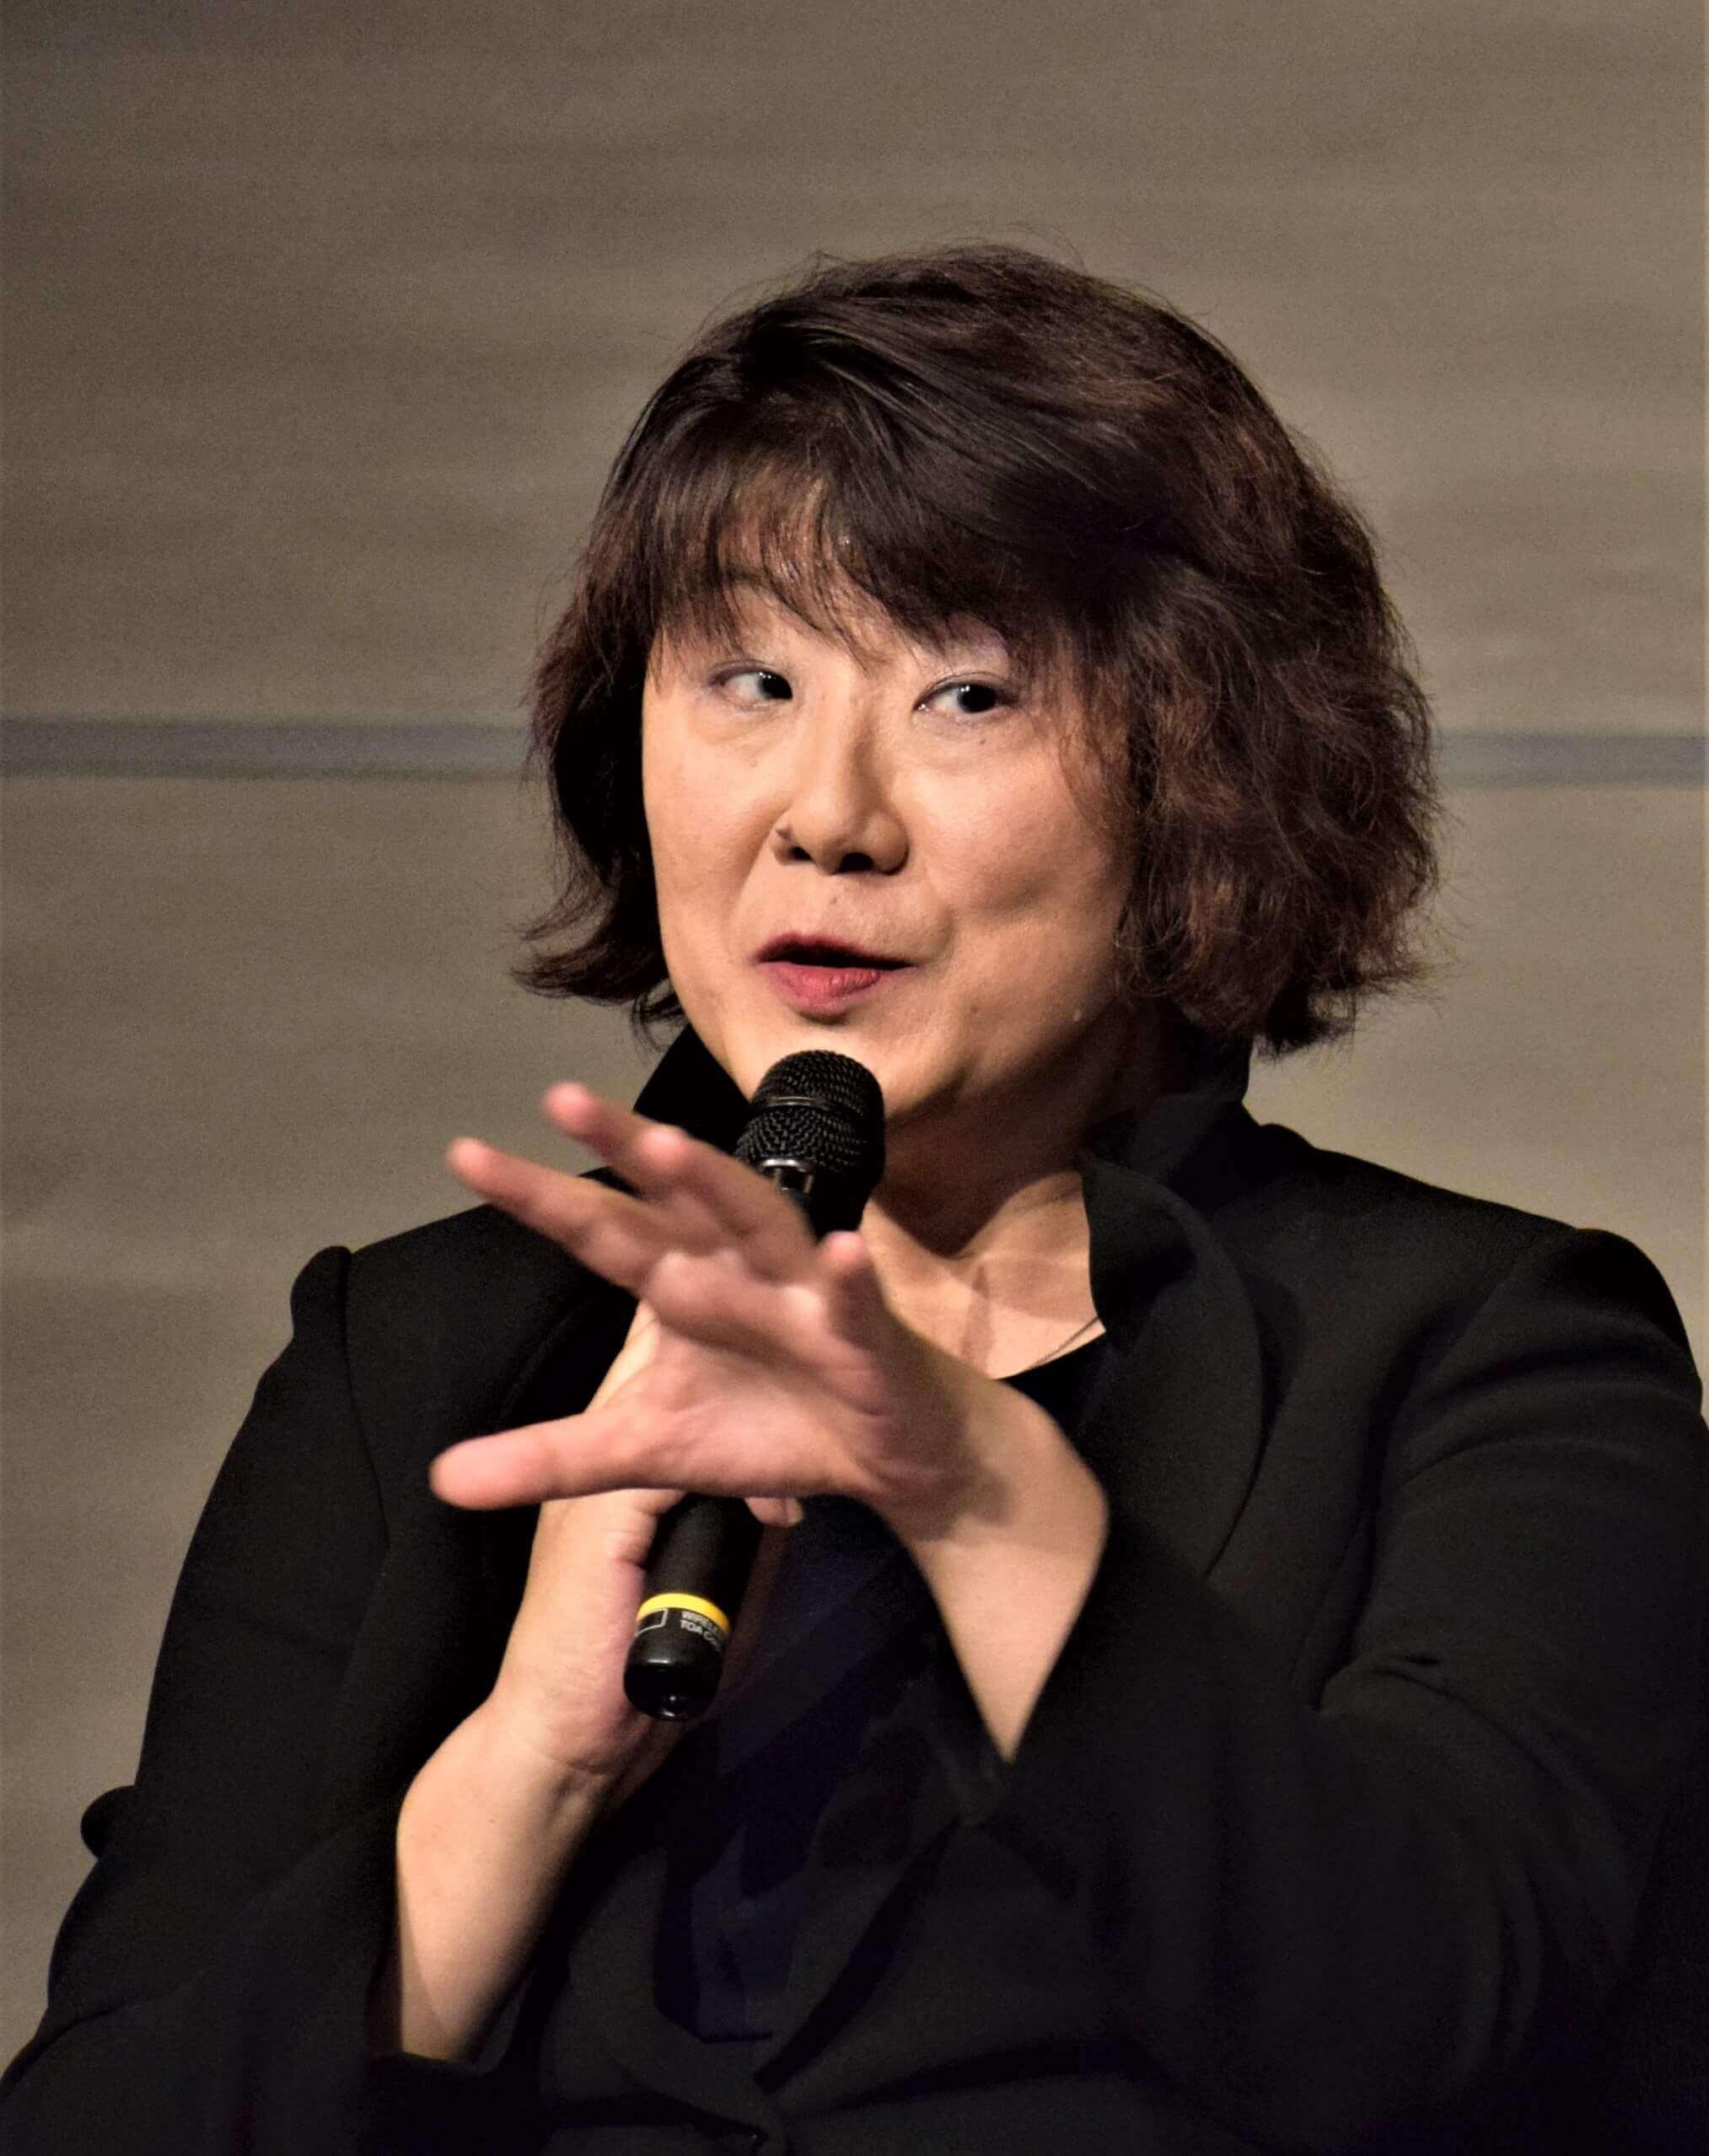 イノベーションを加速するMAINモデル~早稲田大学大学院 川上智子氏教授、ワールドマーケティングサミット2019(上)